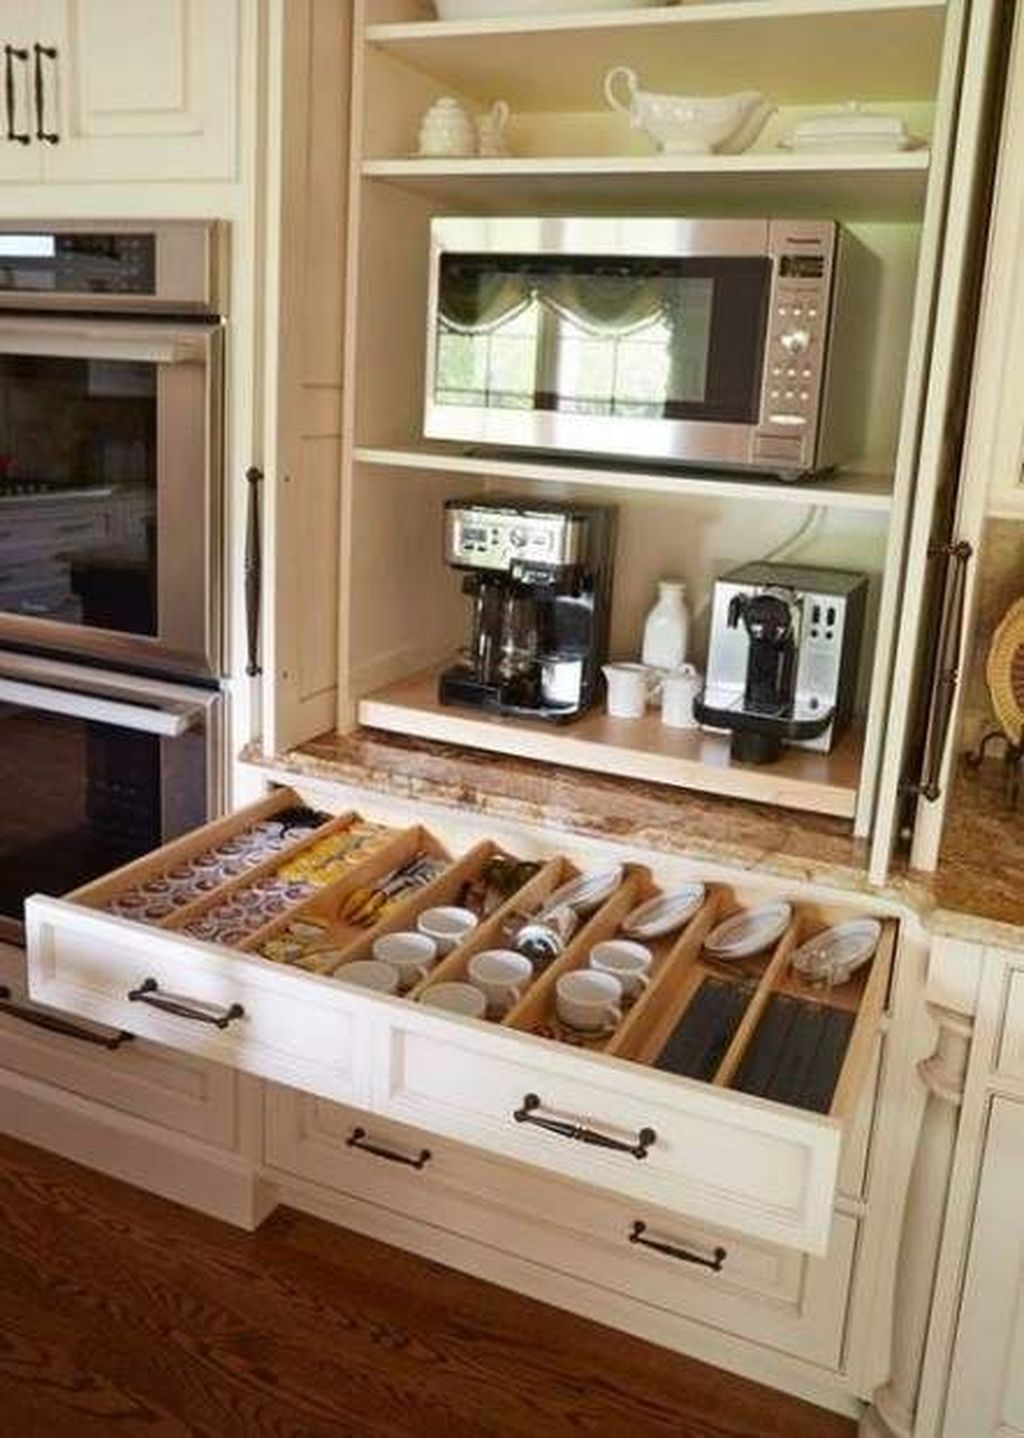 Best Design Ideas For Kitchen Organization Cabinets 29